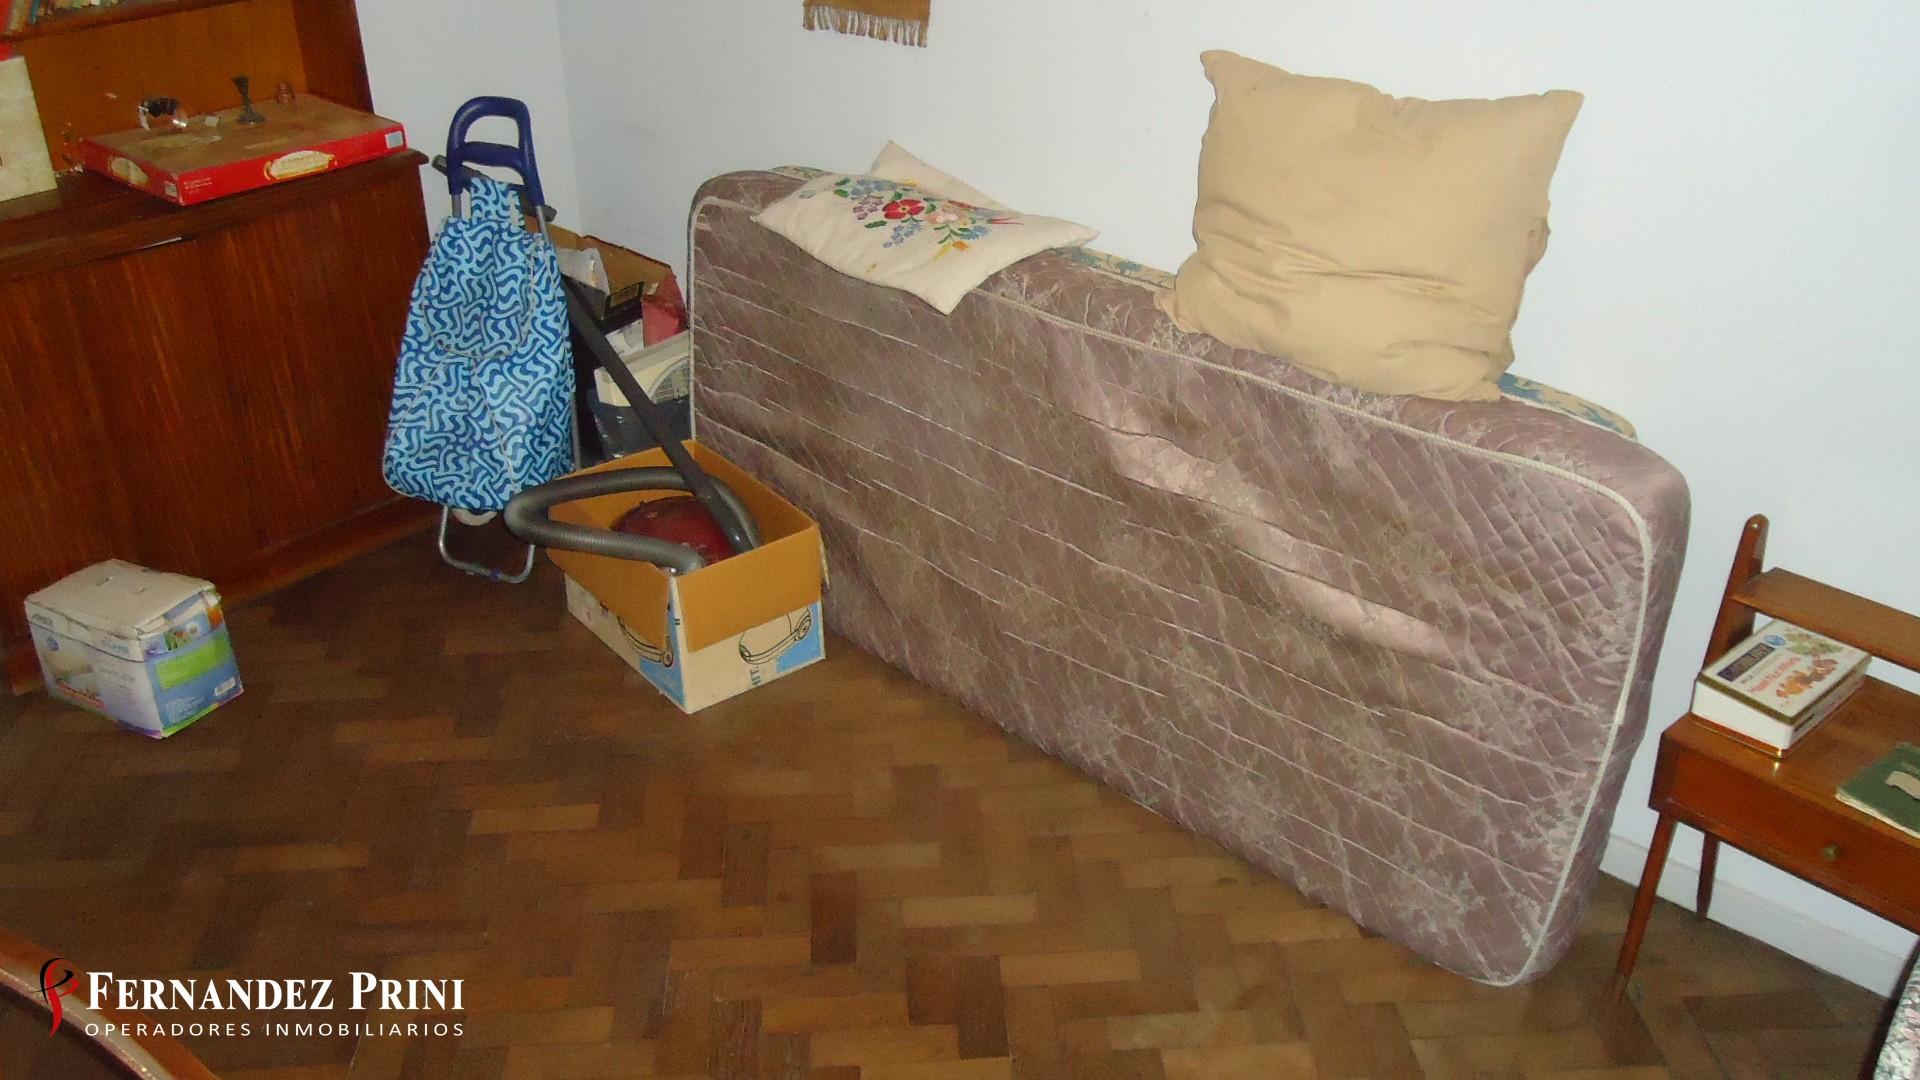 Av. Rivadavia 5485, Caballito, 2 Habitaciones Habitaciones, 3 Ambientes Ambientes,1 BañoBaños,Departamento,Venta,Av. Rivadavia 5485, Caballito,11,1076